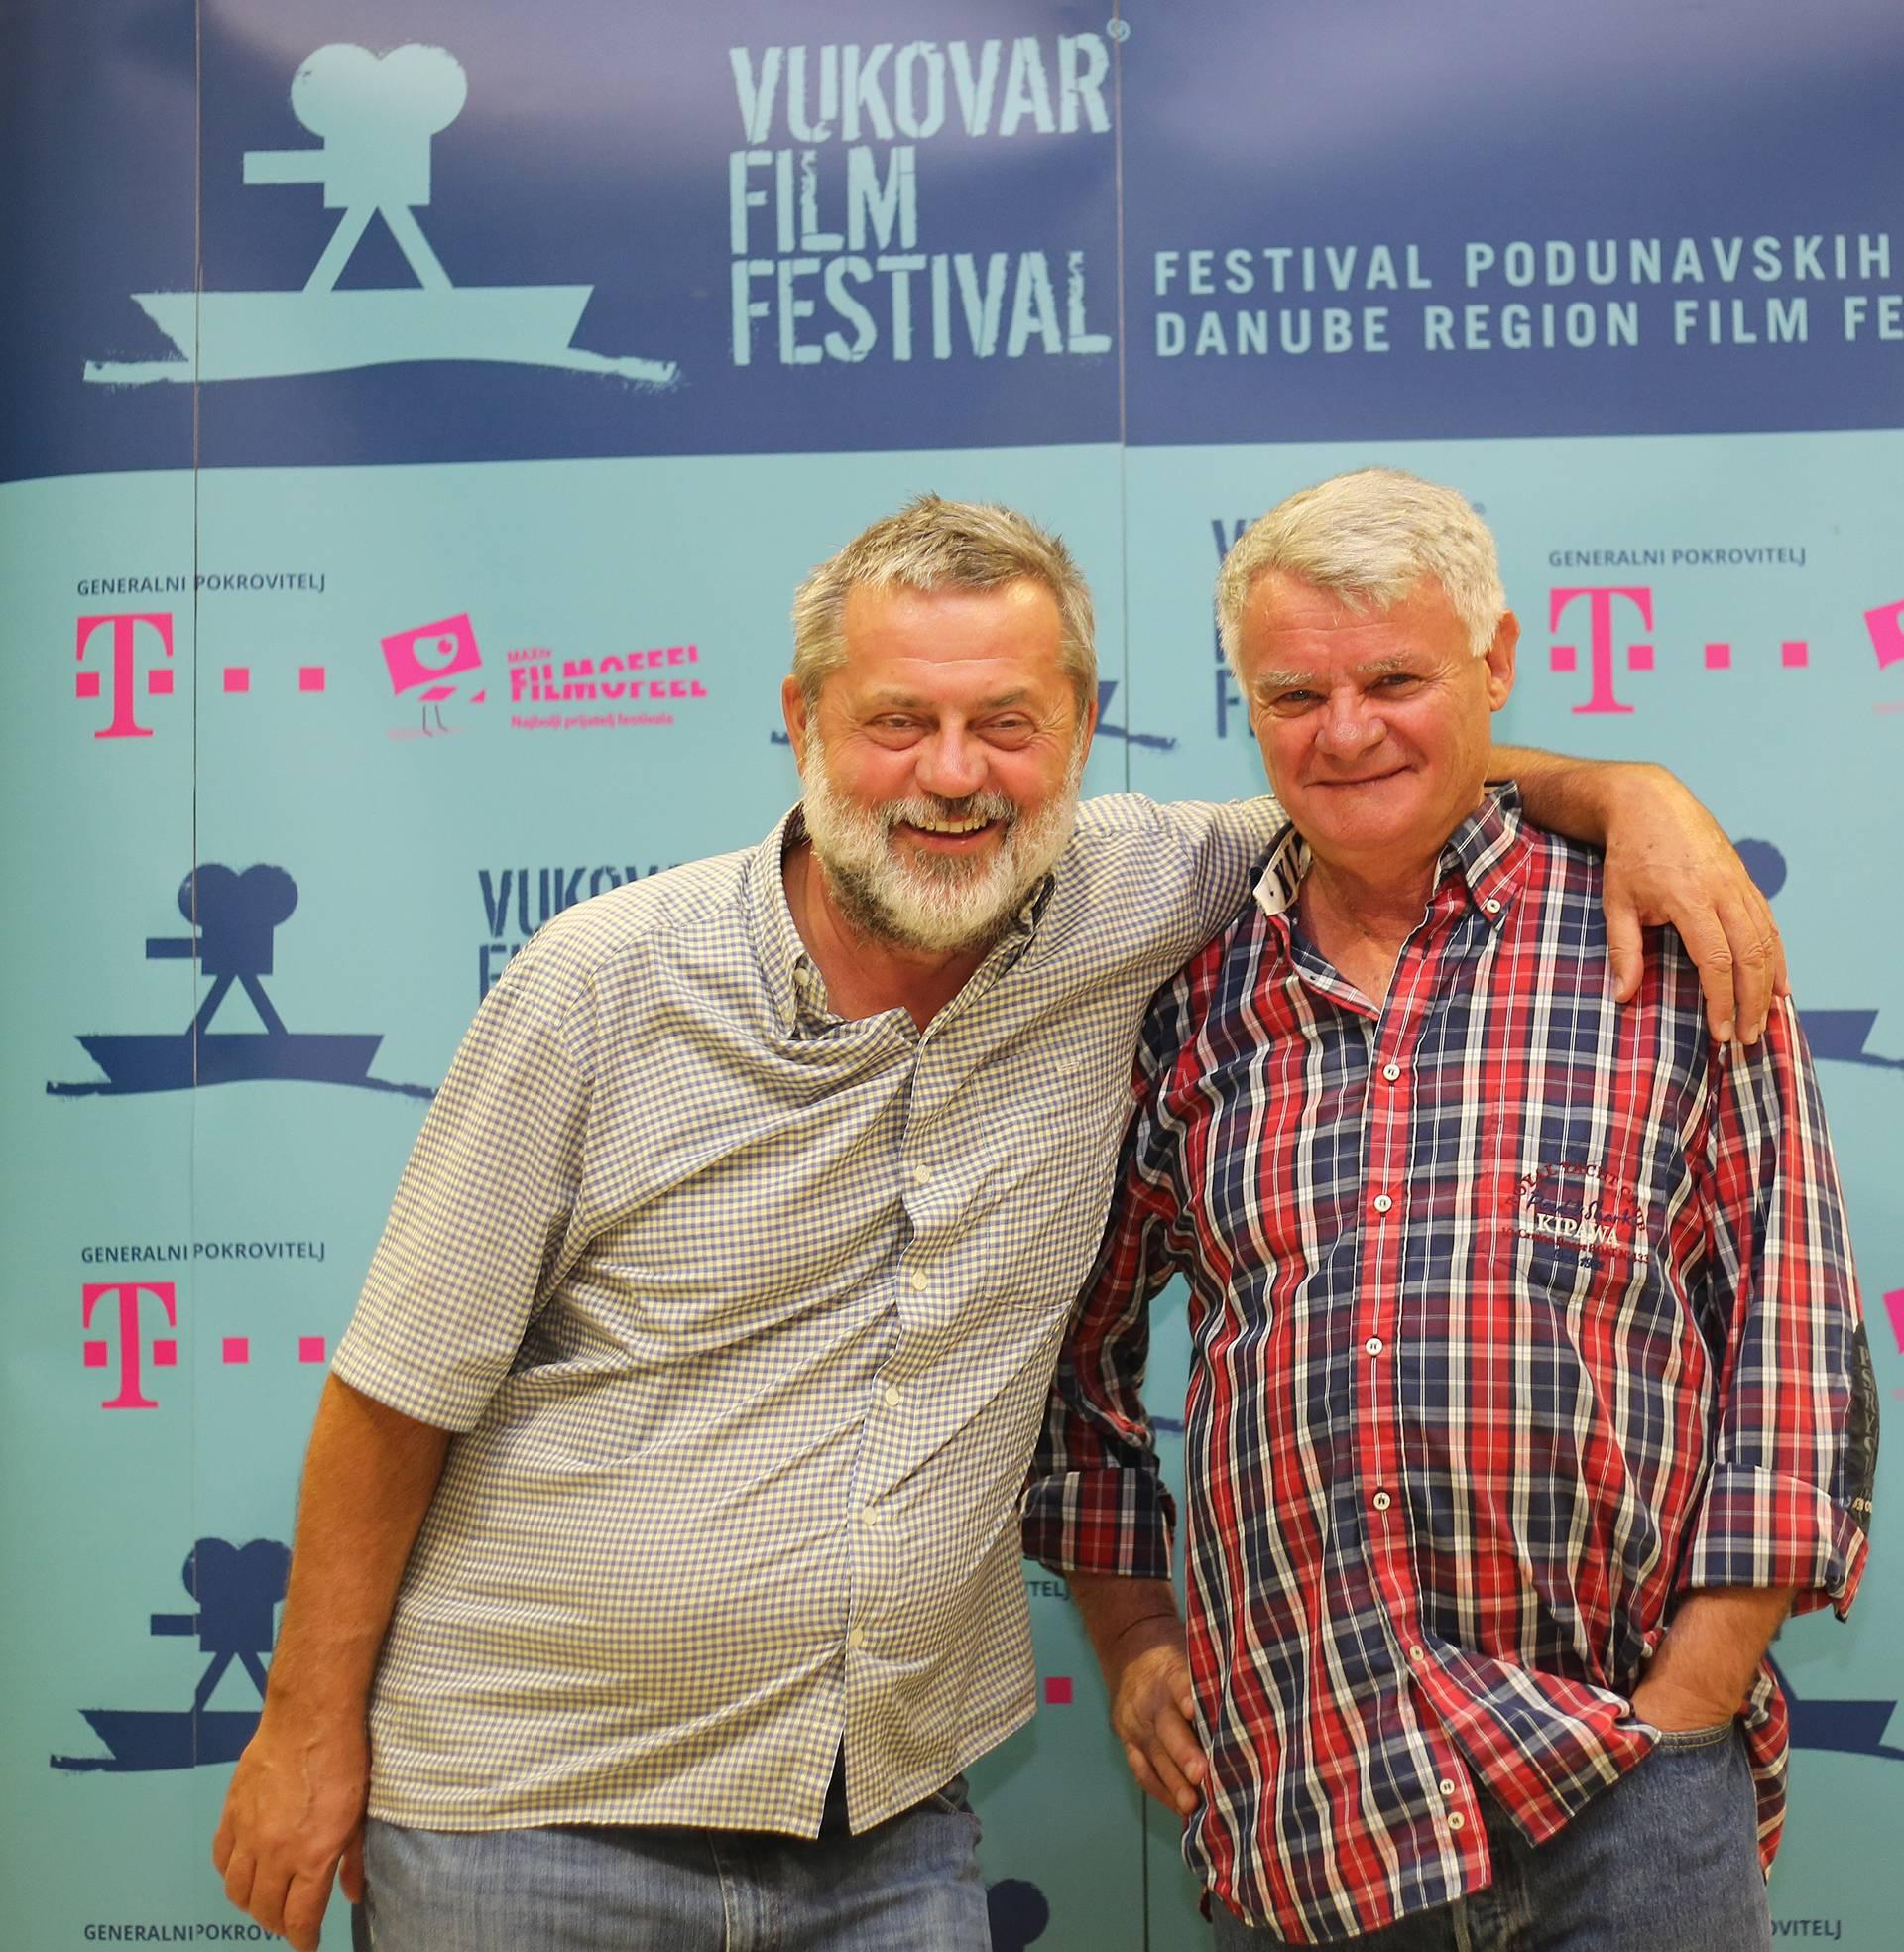 Ivo: Planiram glumiti još barem 50 ili 60 godina, još ne stajem